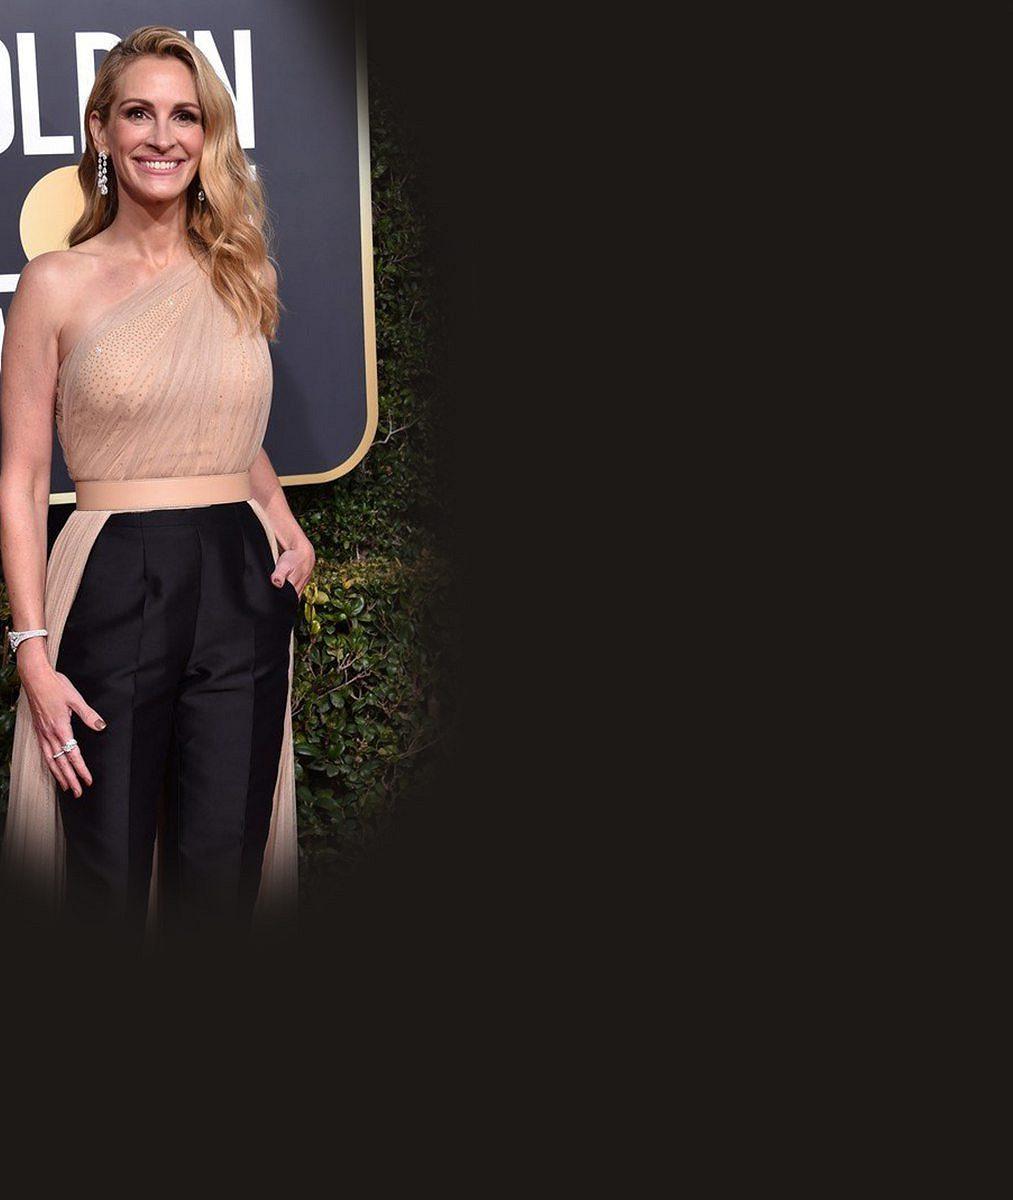 Její legendární úsměv nikdy neomrzí: Julia Roberts nepřestává okouzlovat ani 30 let po natáčení Pretty Woman